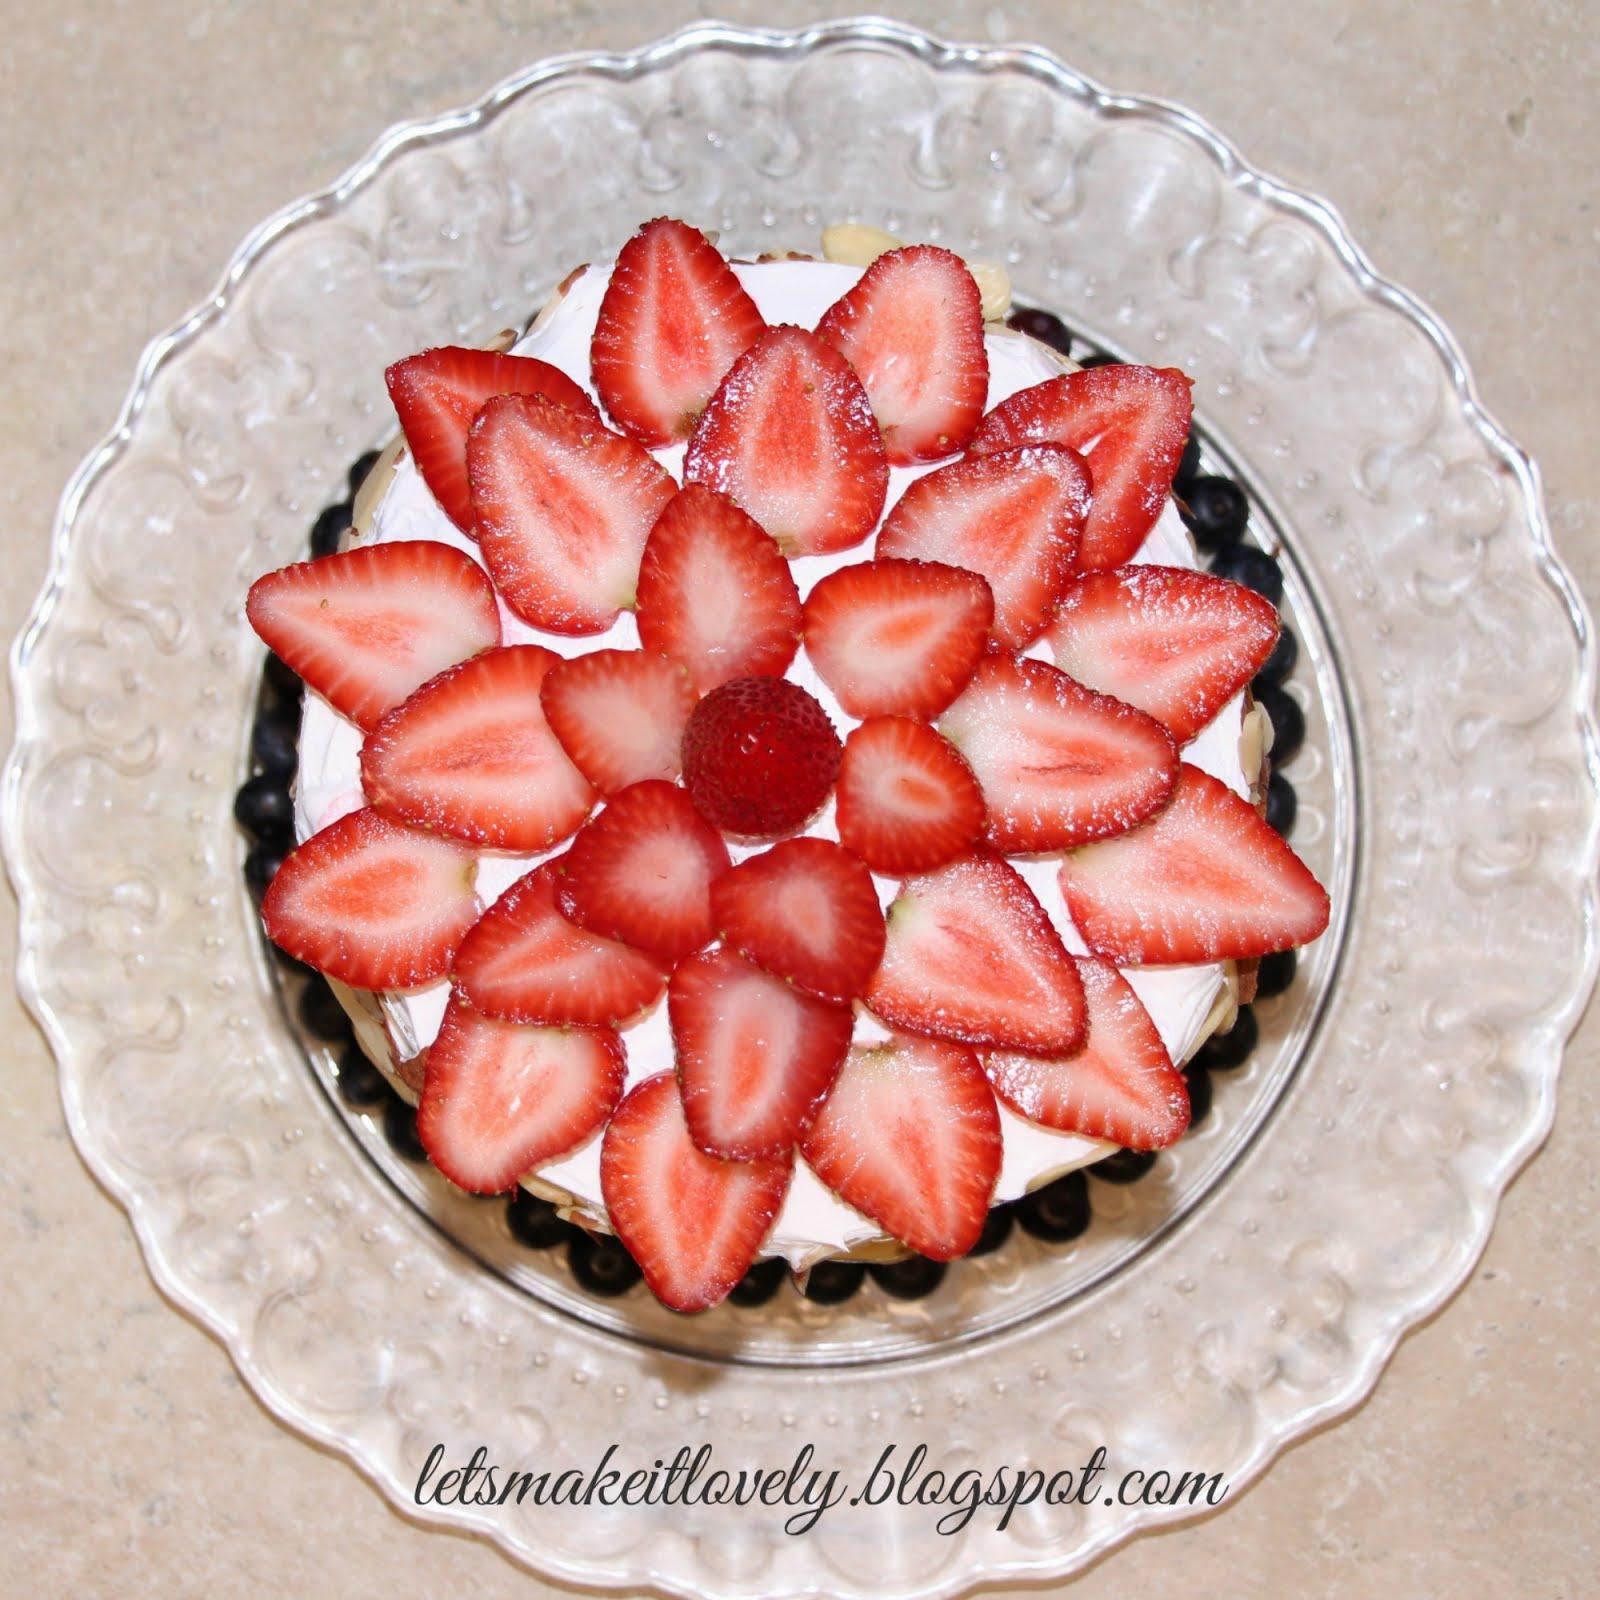 how to make fruit cake botw